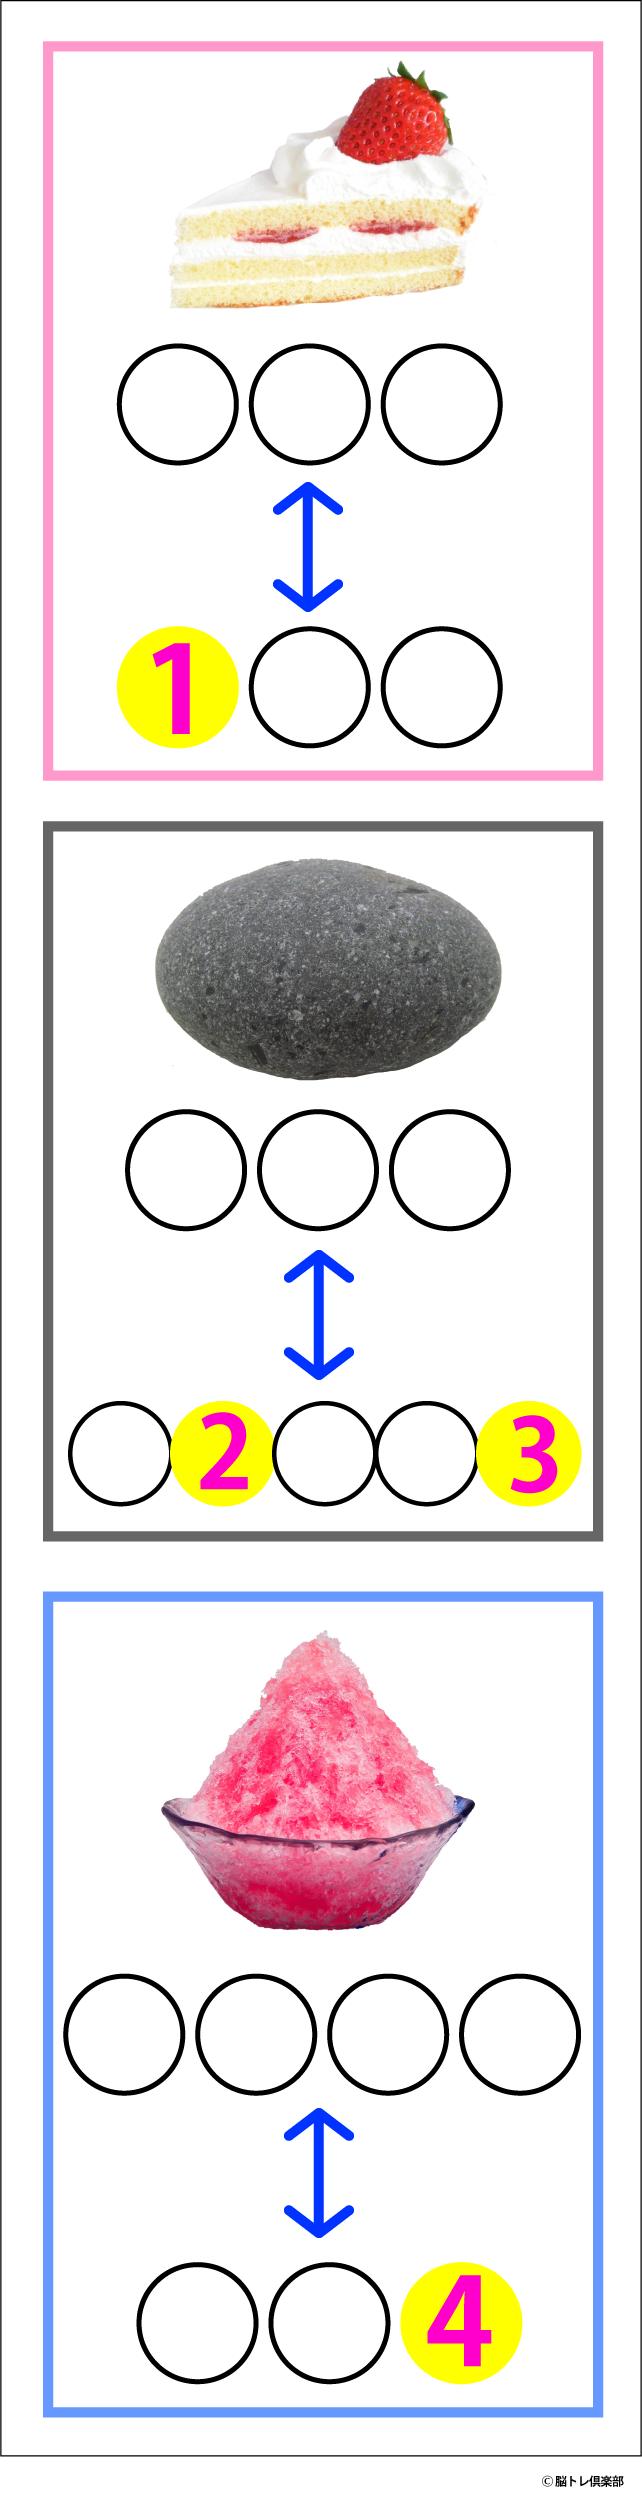 難問 謎解き 問題 超難問なぞなぞ10問(答え付き)。正解率20%未満のひっかけ問題